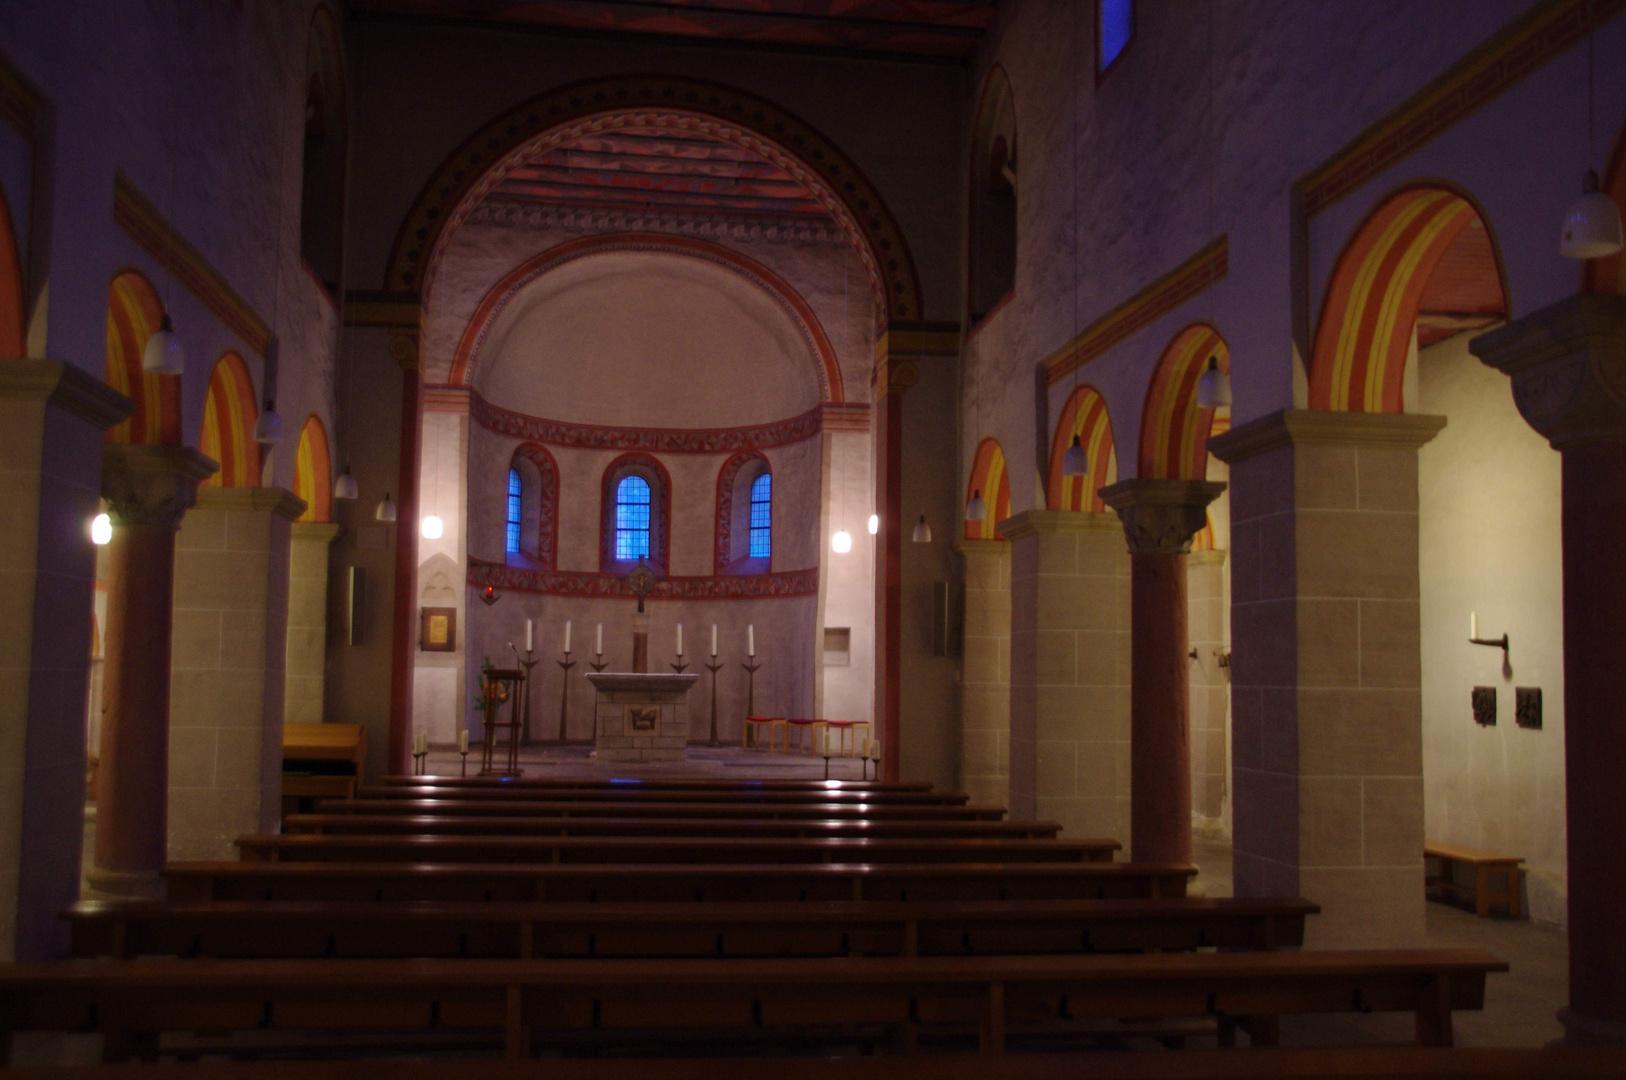 St. Lucius Kirche in Essen-Werden